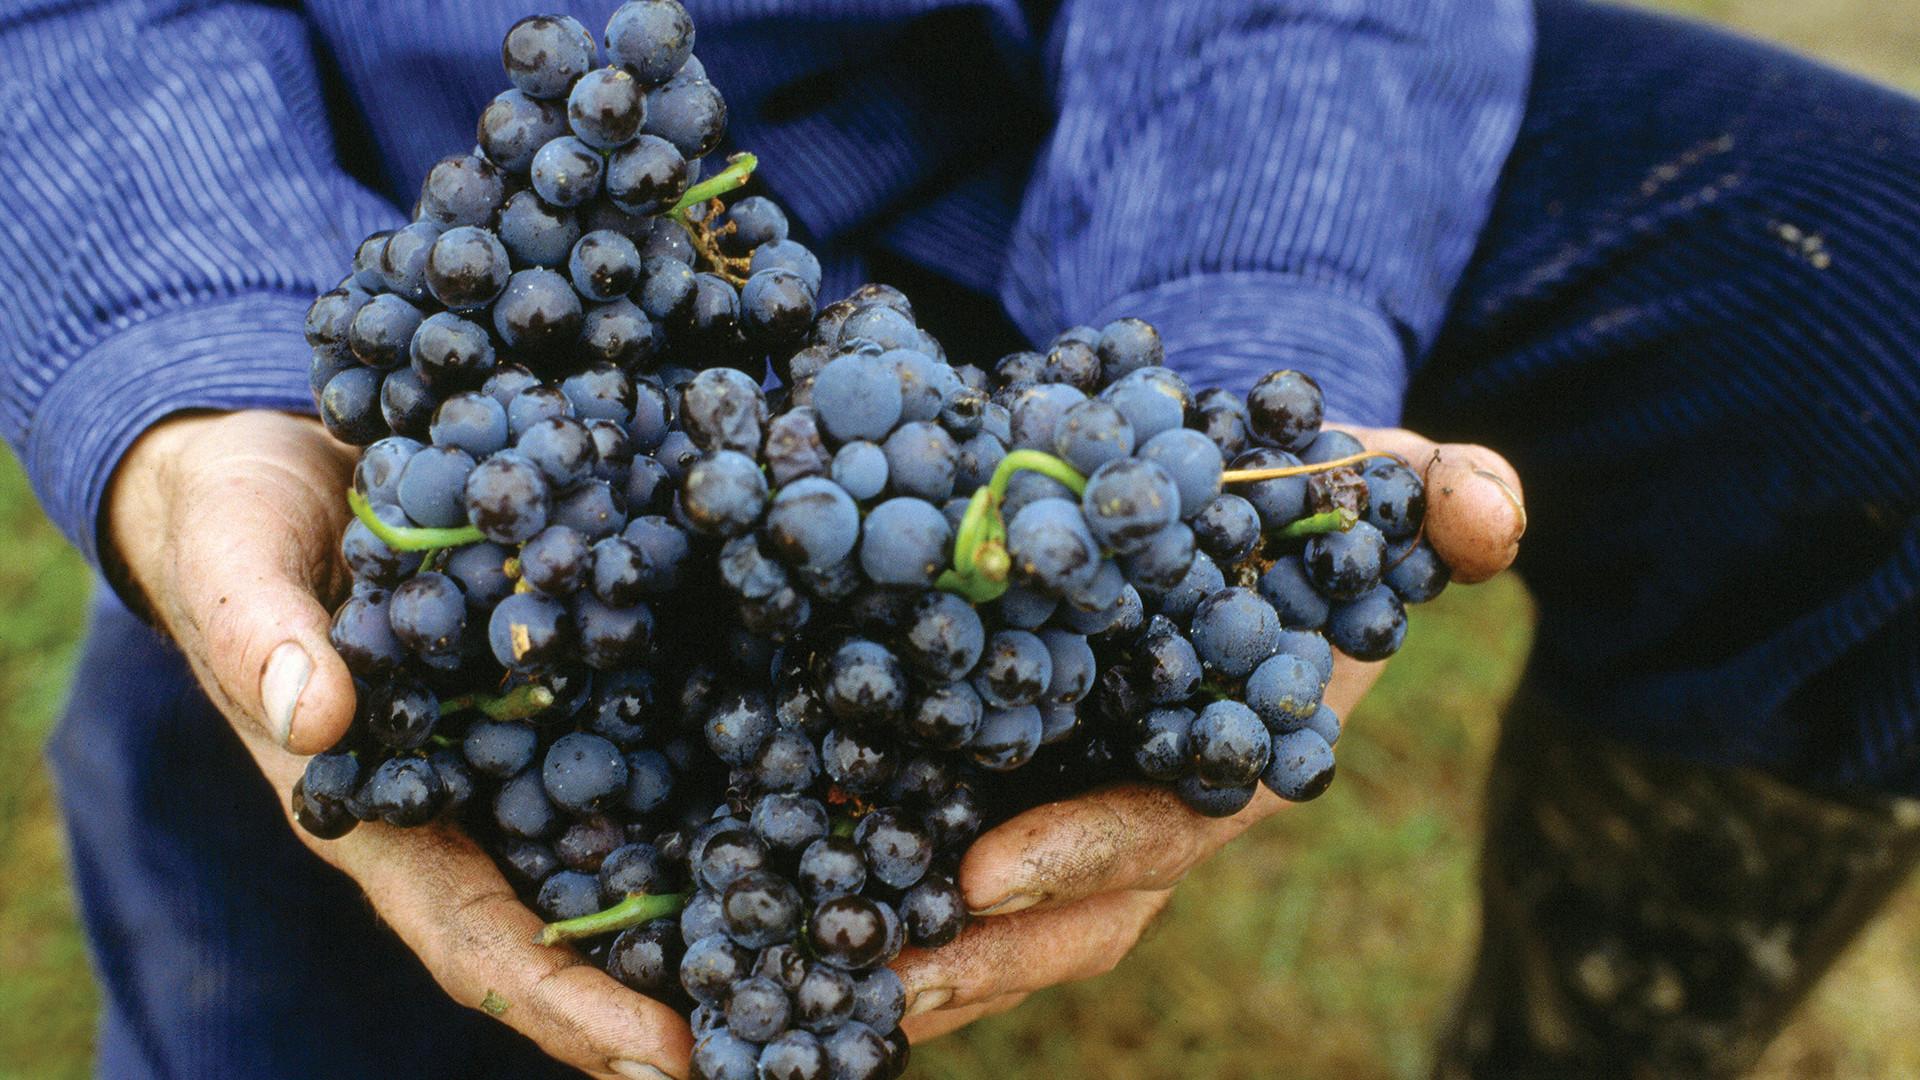 Wines of Germany | Spätburgunder is German for pinot noir